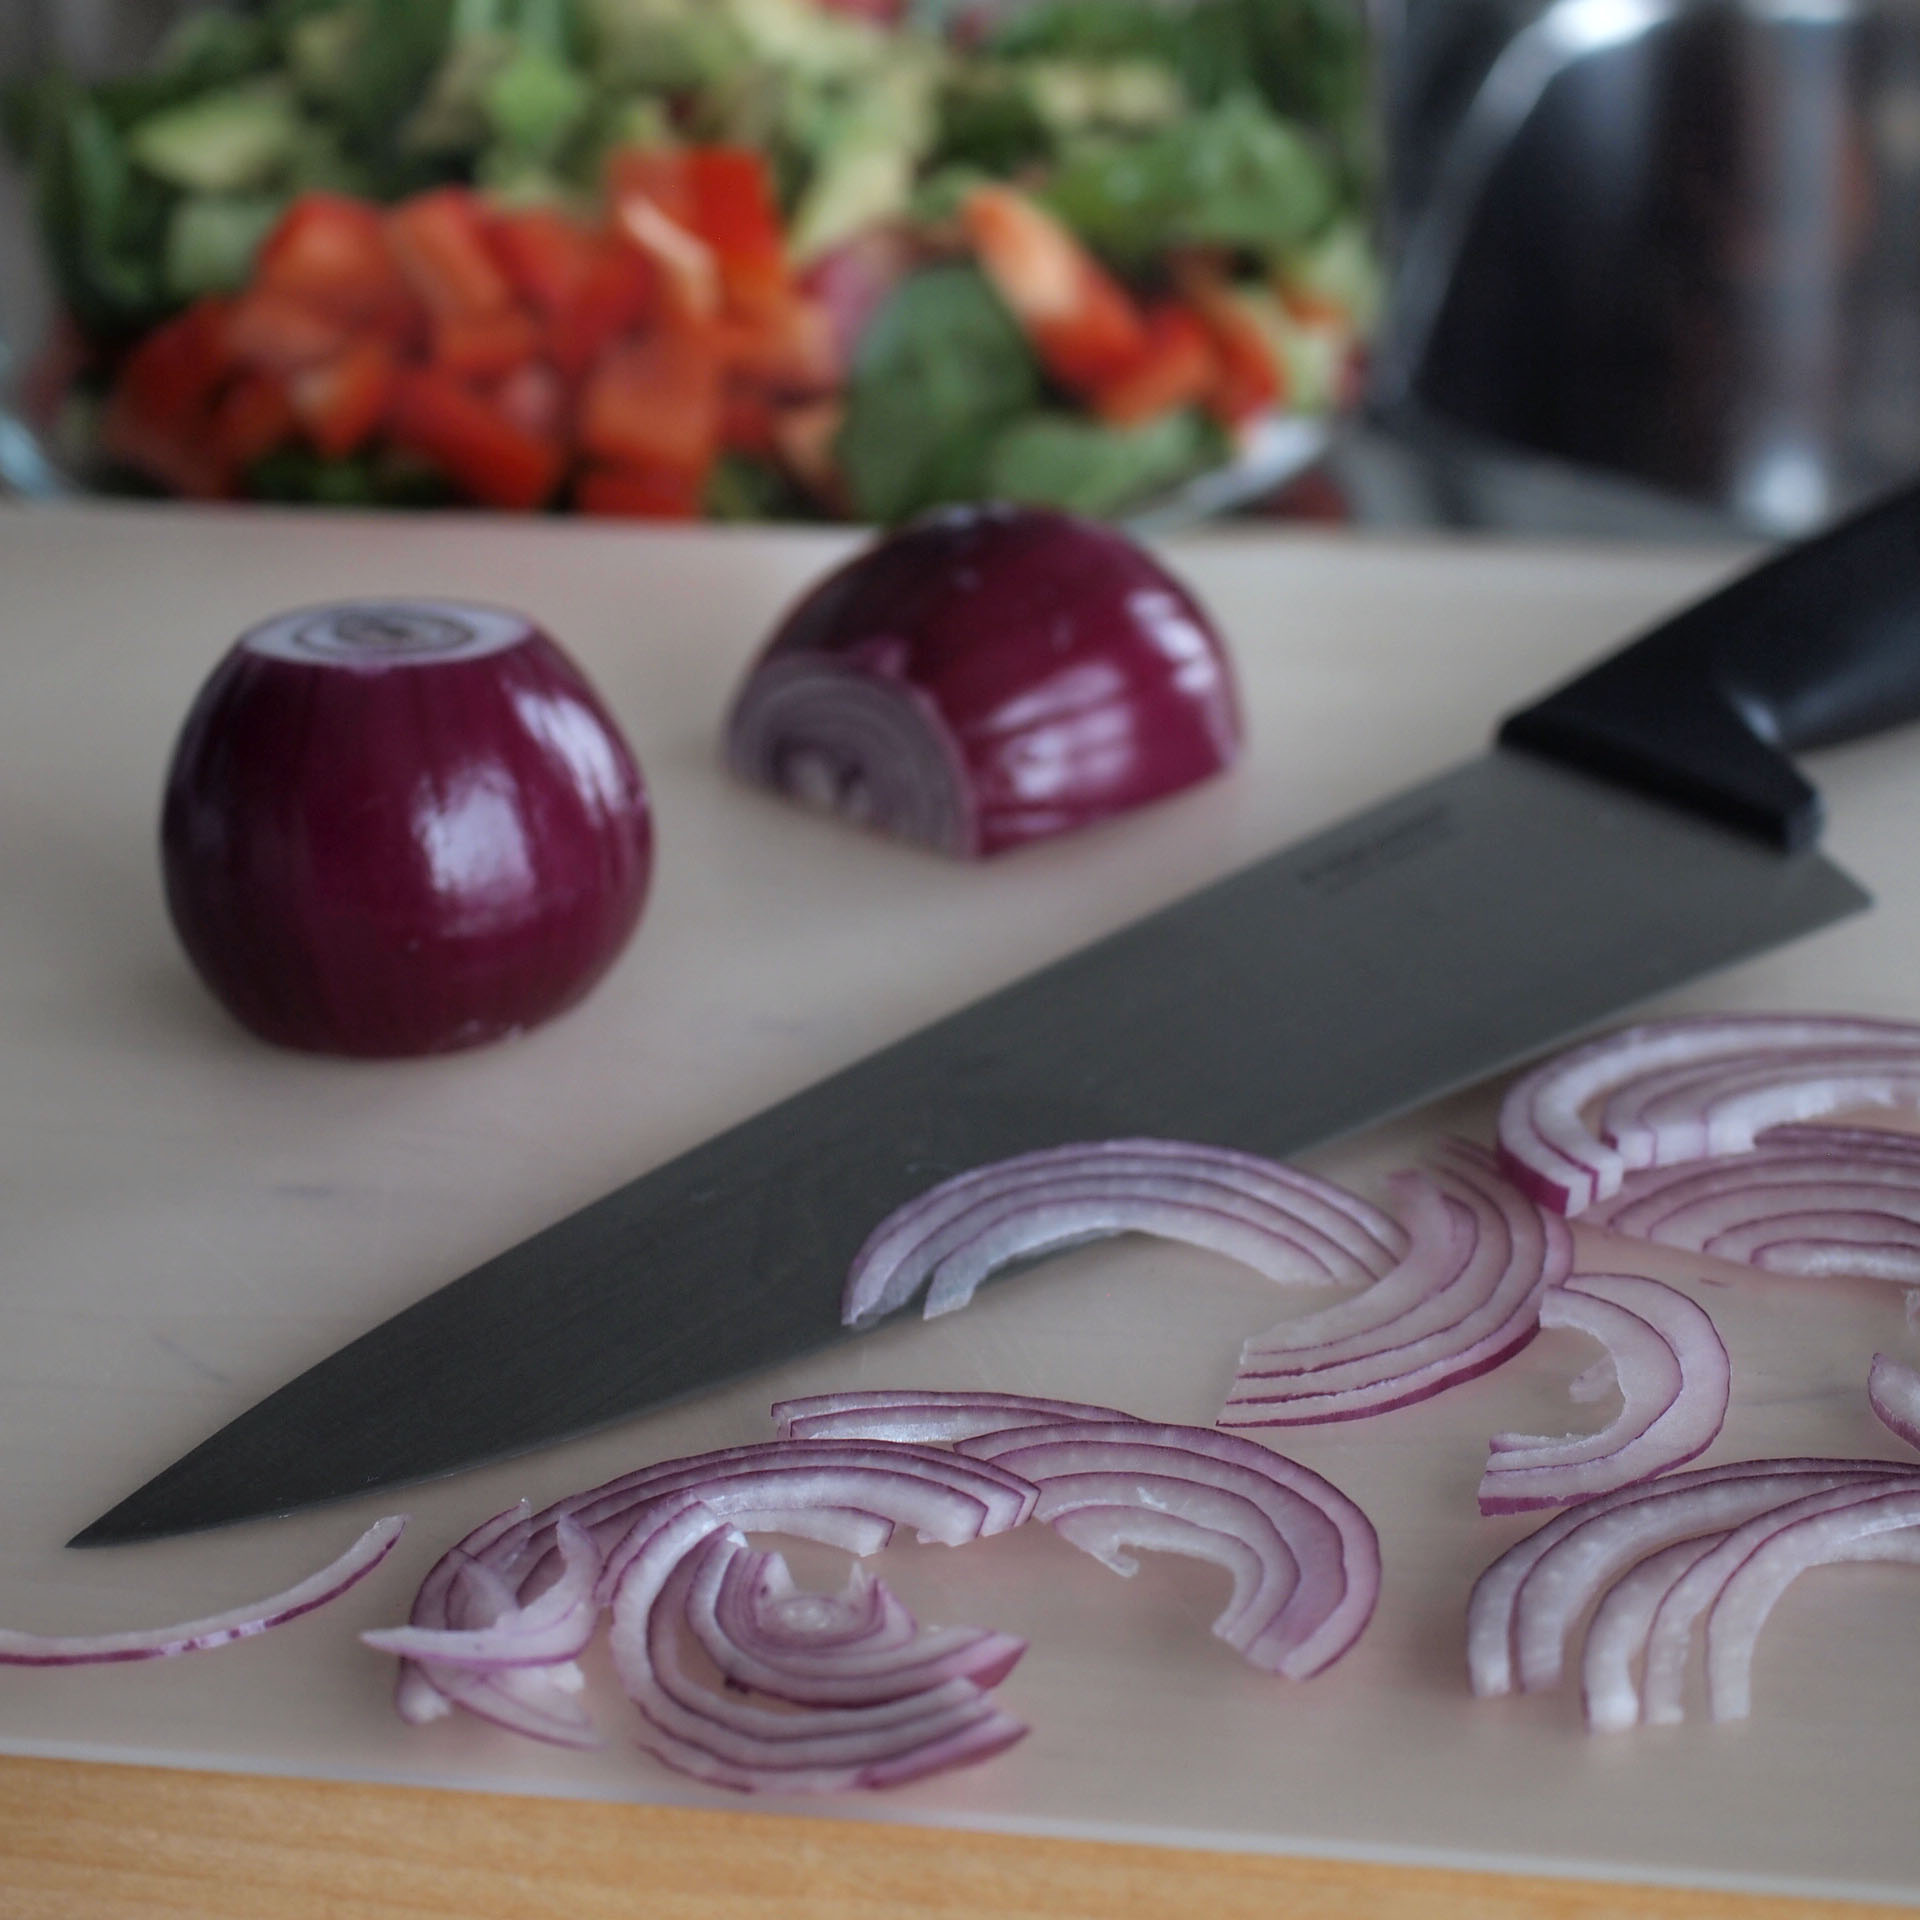 Jos haluat helliä itseäsi pakollisten arkikokkailujen keskellä: omista edes yksi hyvä veitsi. Lupaan että se kannattaa.     Tässä yksi hyvä, käteensopiva, edullinen vaihtoehto.